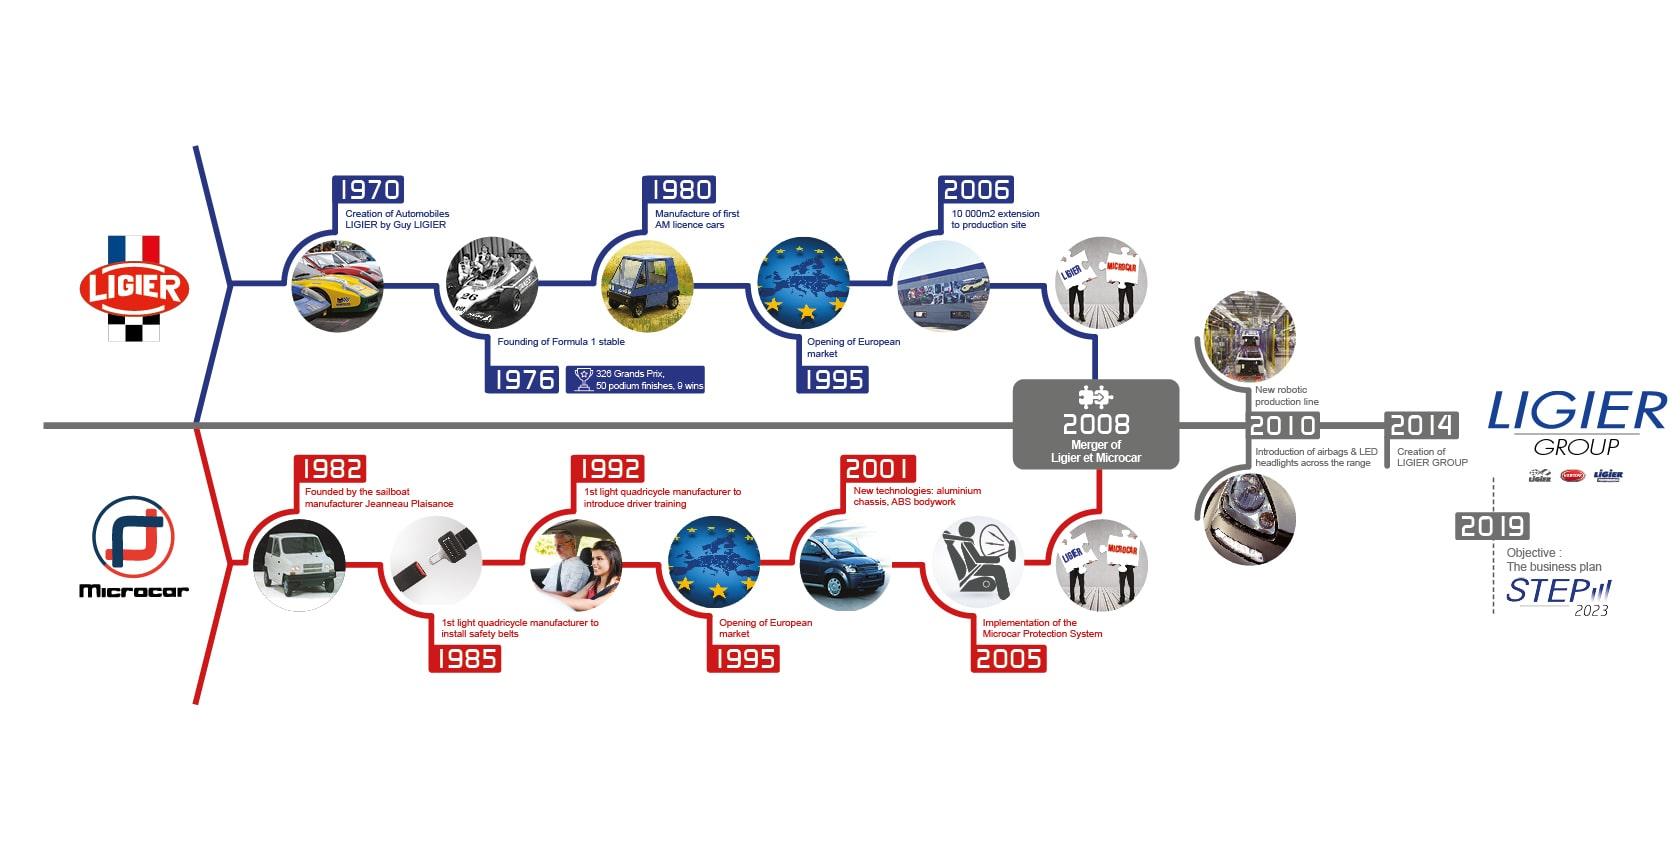 Frise historique Ligier Group